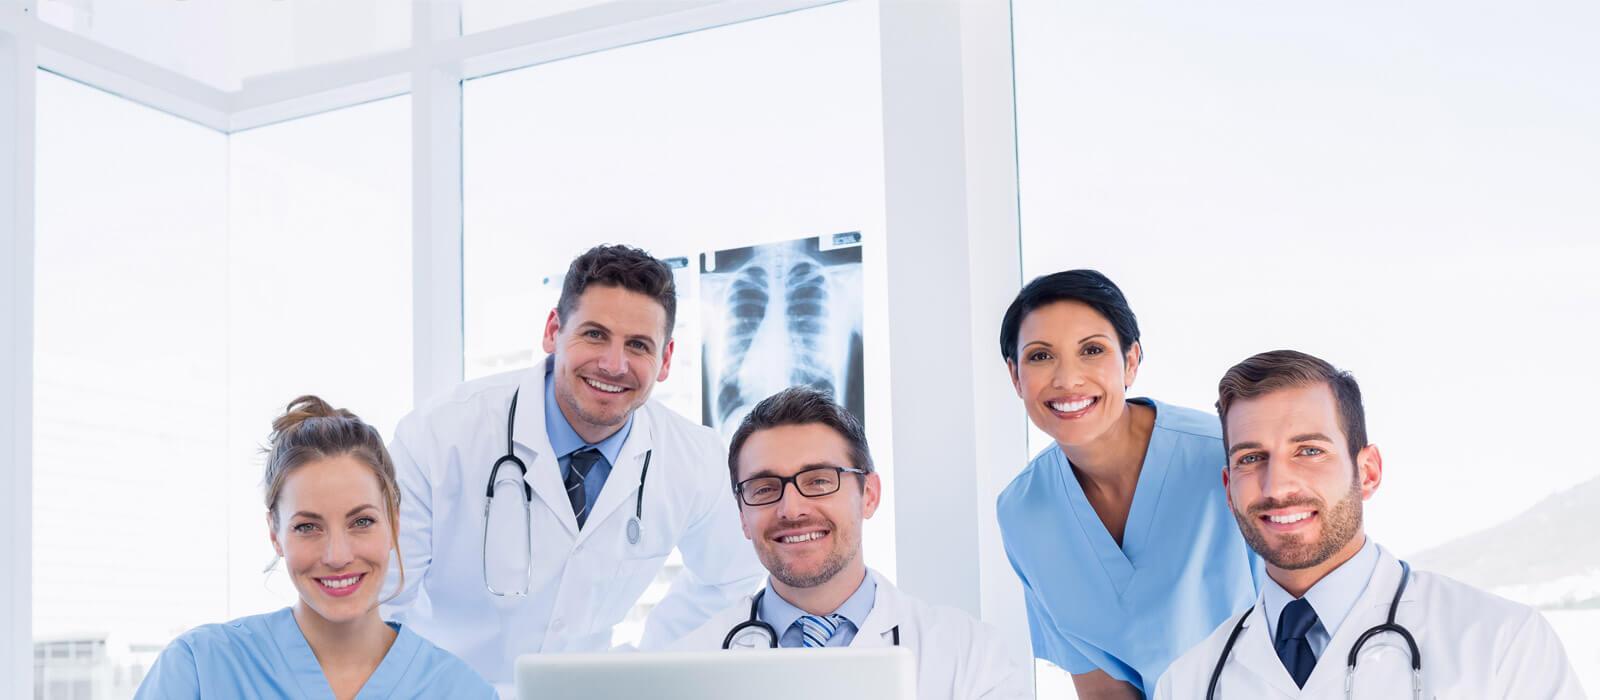 Στεγαστικό δάνειο για ιατρούς